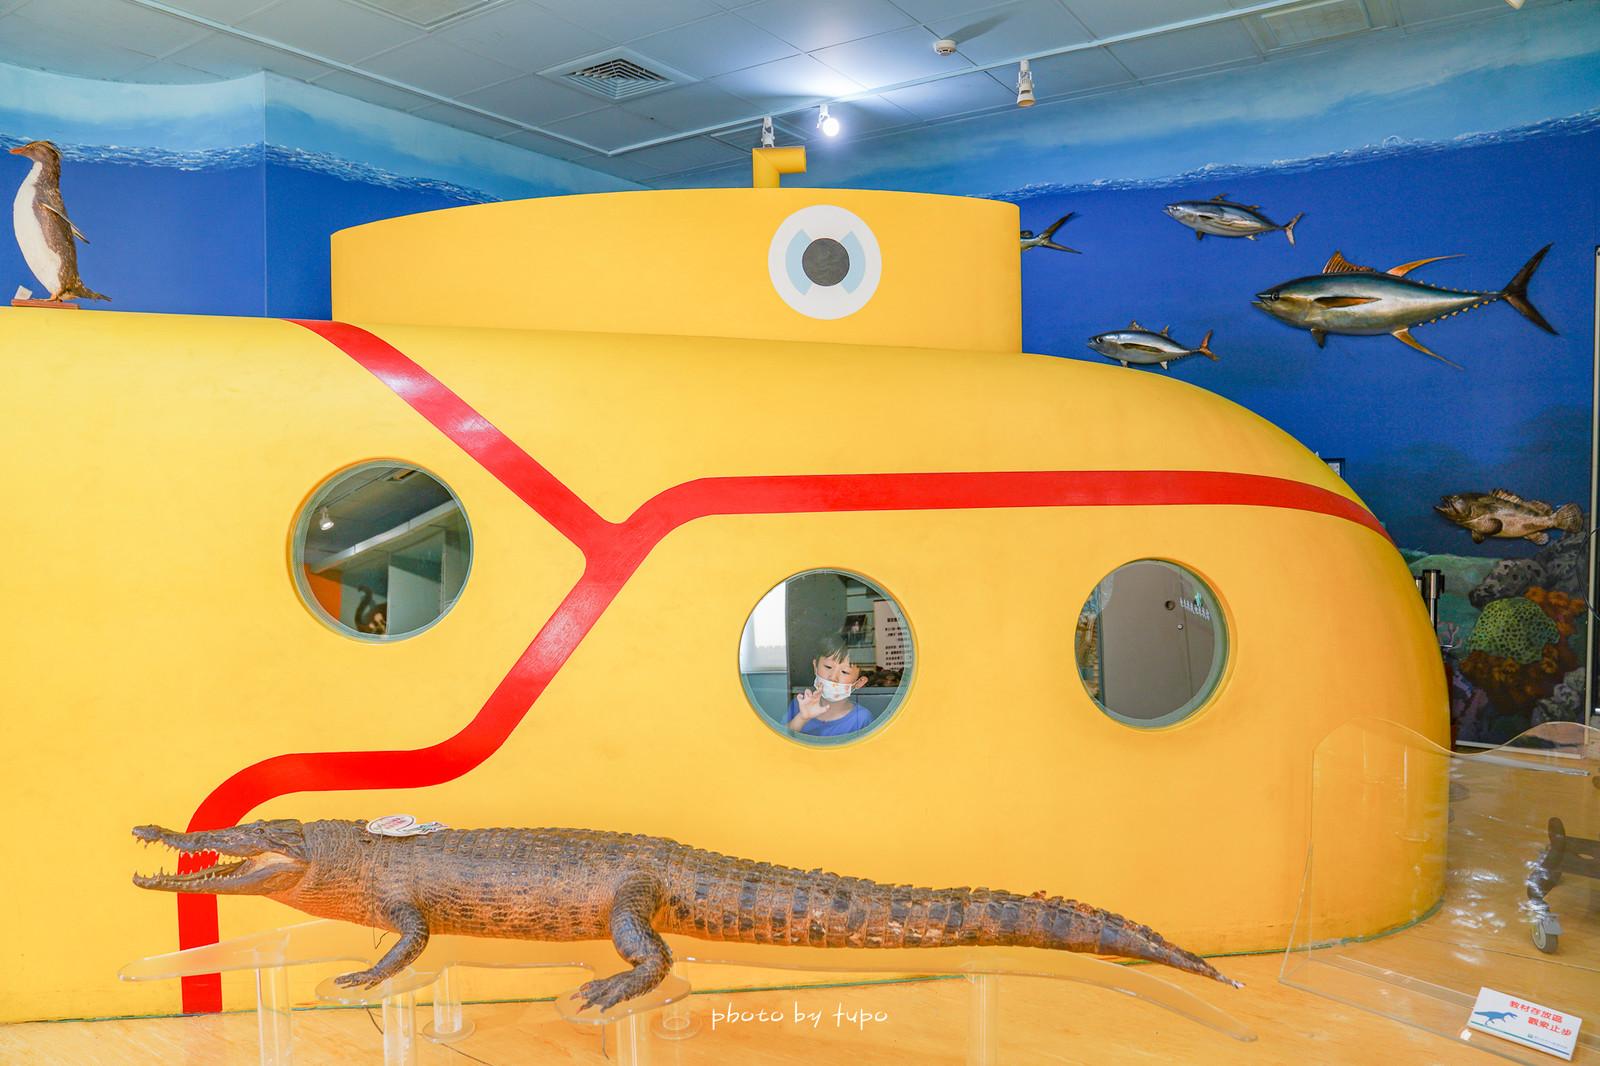 即時熱門文章:台中室內景點推薦》幼兒科學園,免門票!可愛潛水艇、積木遊戲區、多款益智玩具、適合三歲到八歲小朋友的秘密基地!